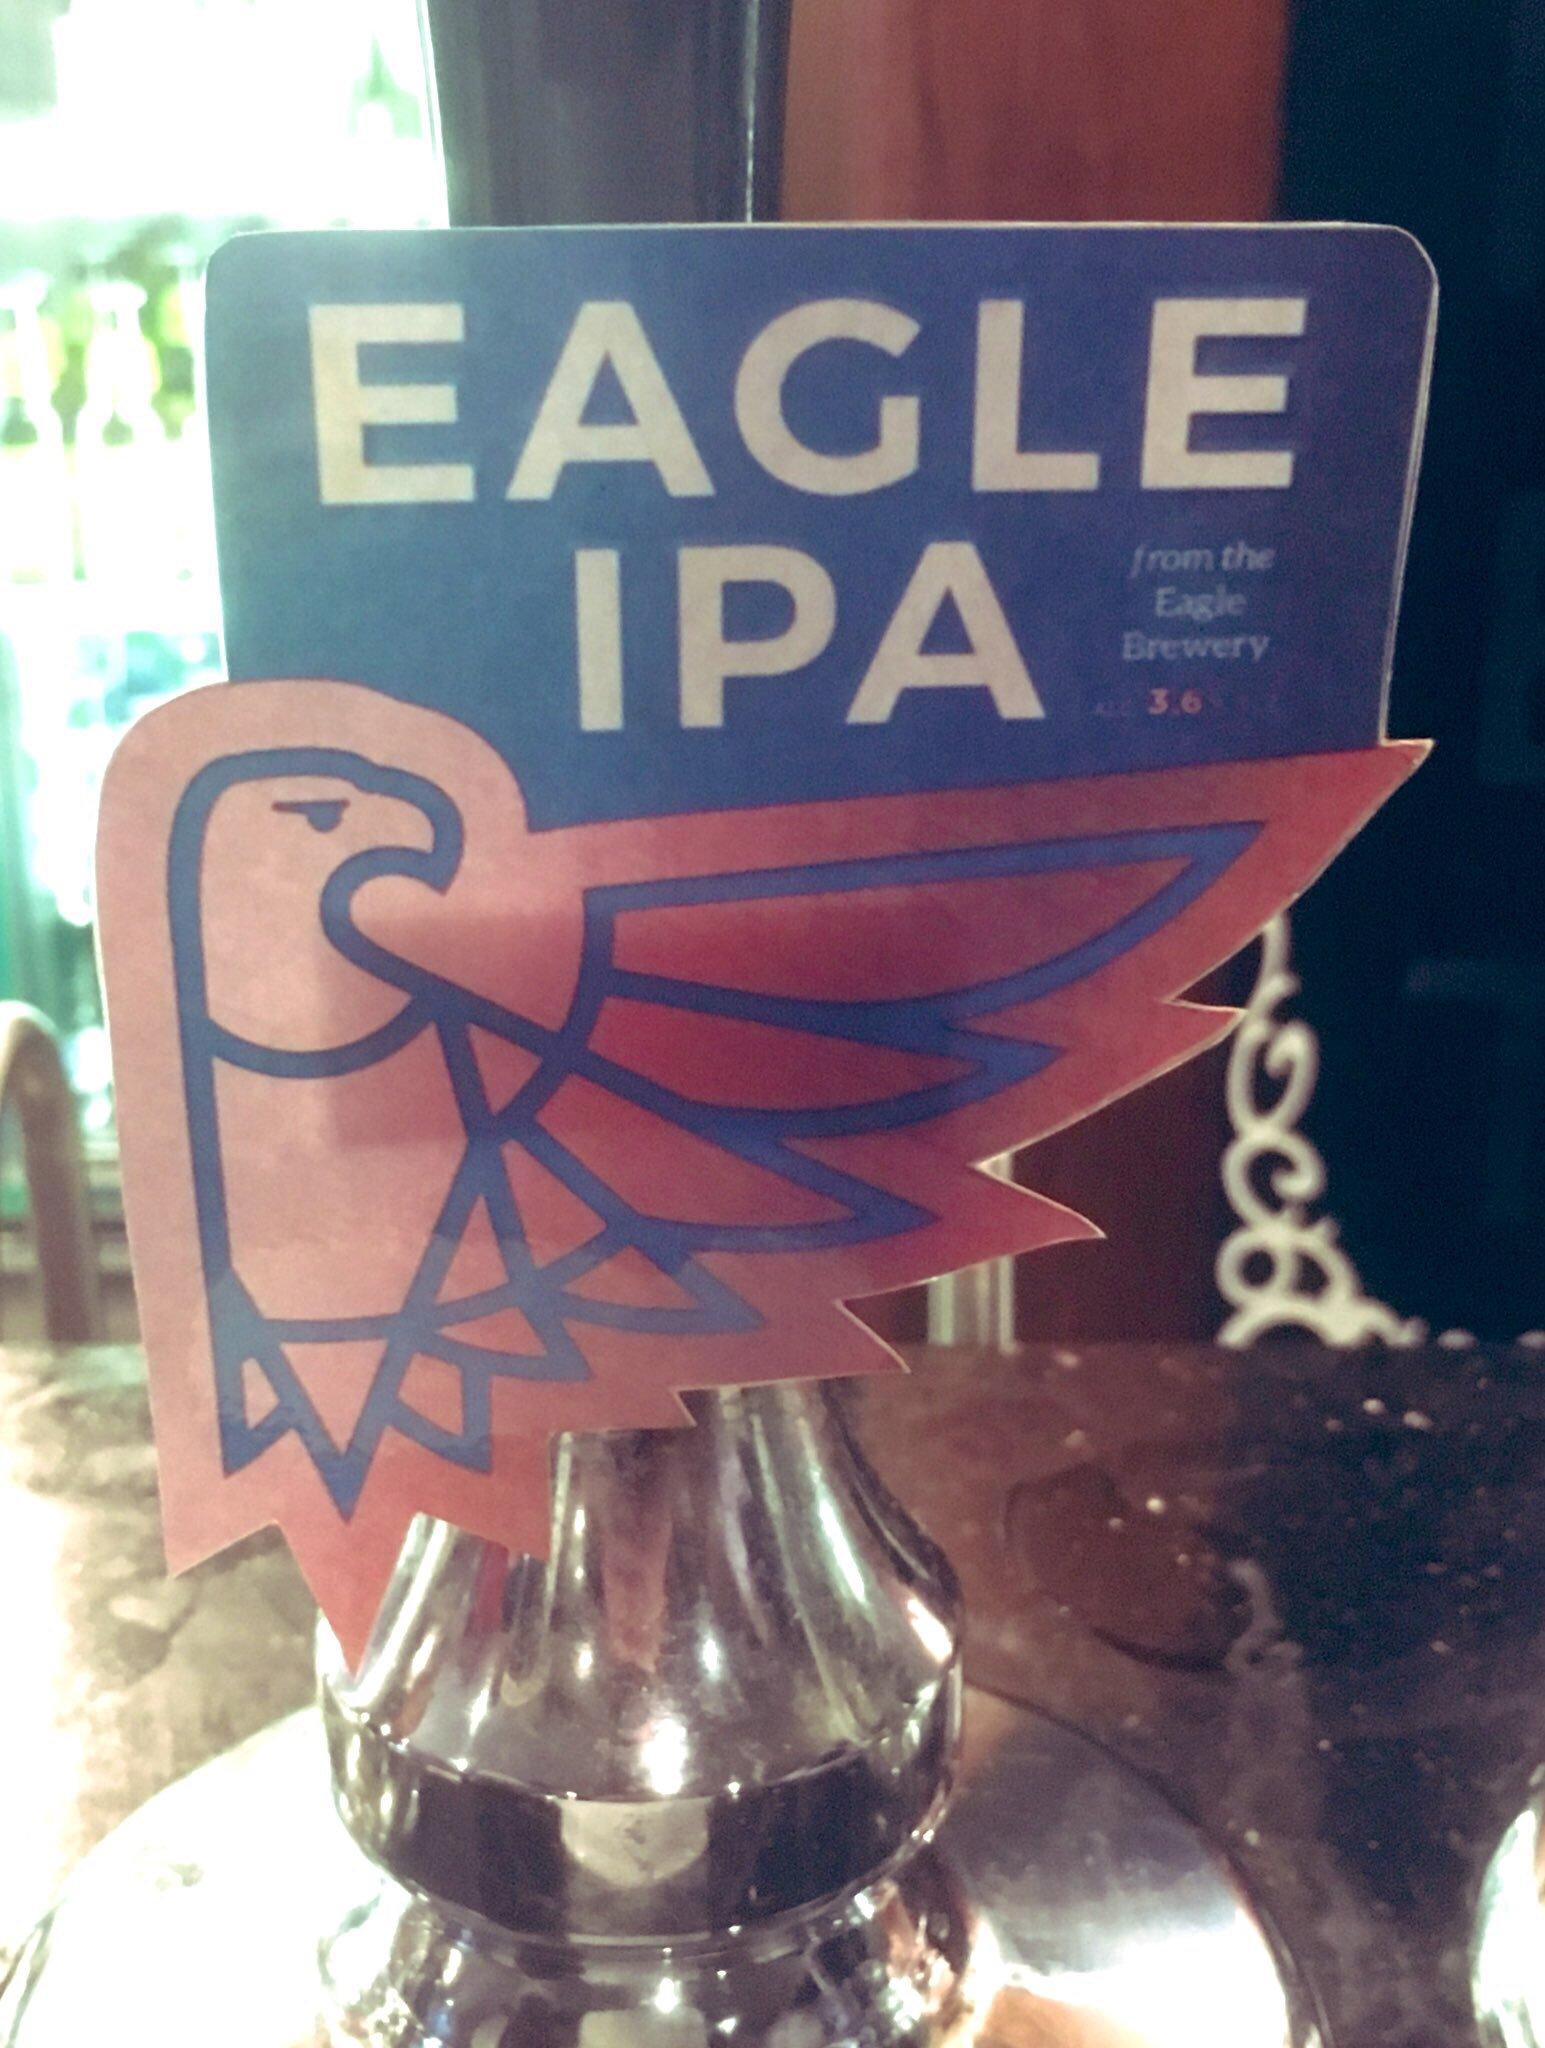 231: Eagle IPA